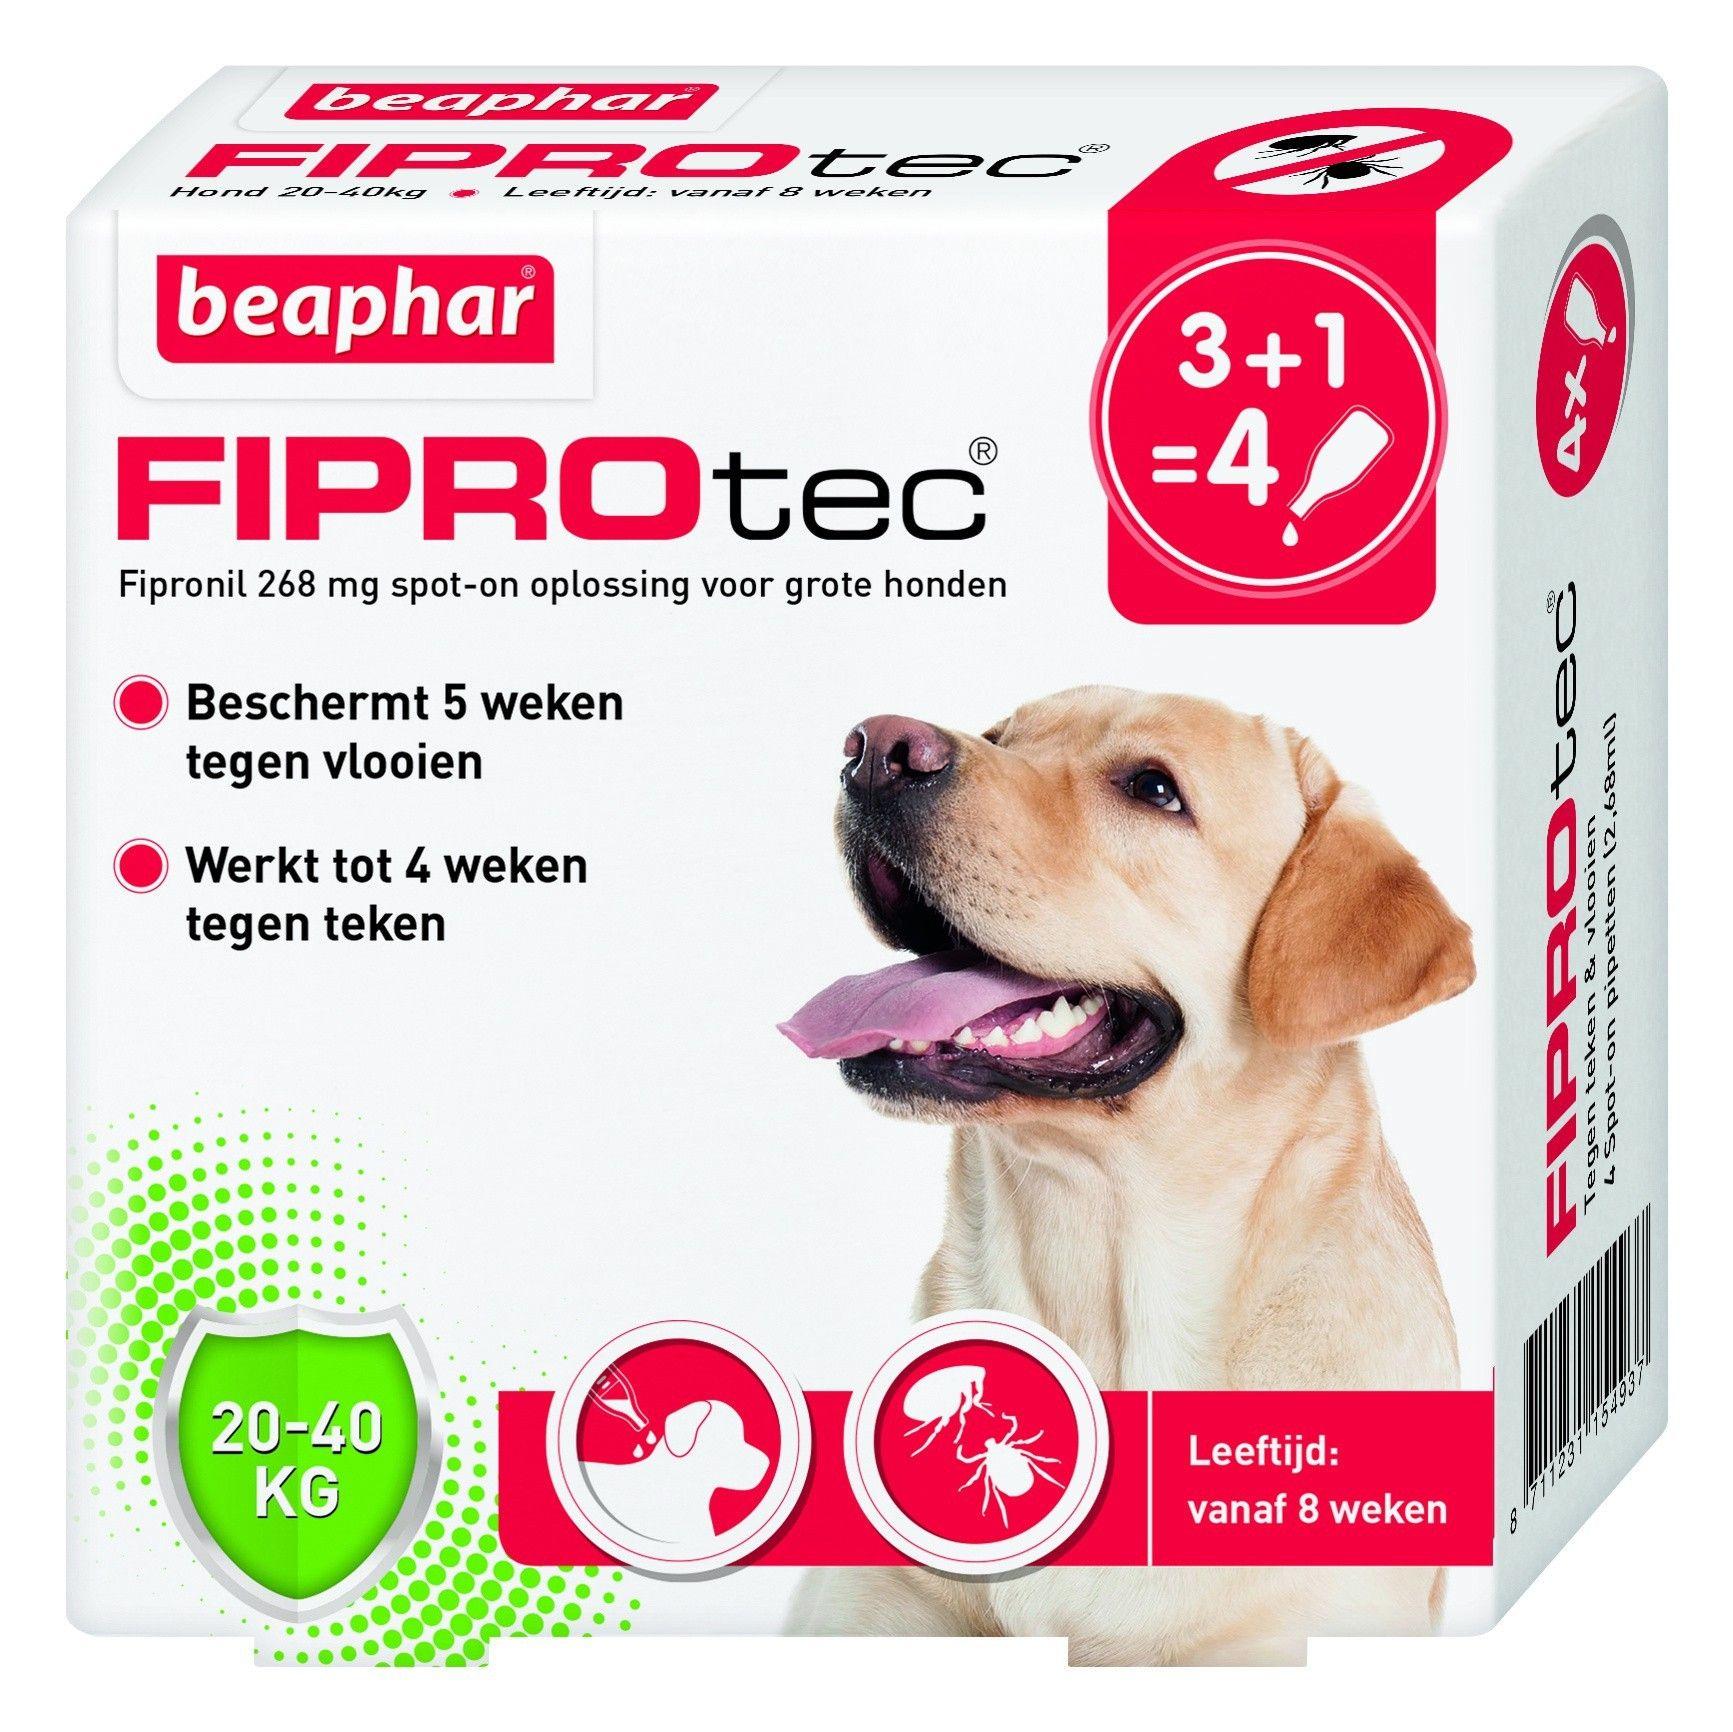 Beaphar Fiprotec hond vlooien/teken 20-40kg 4 pipet